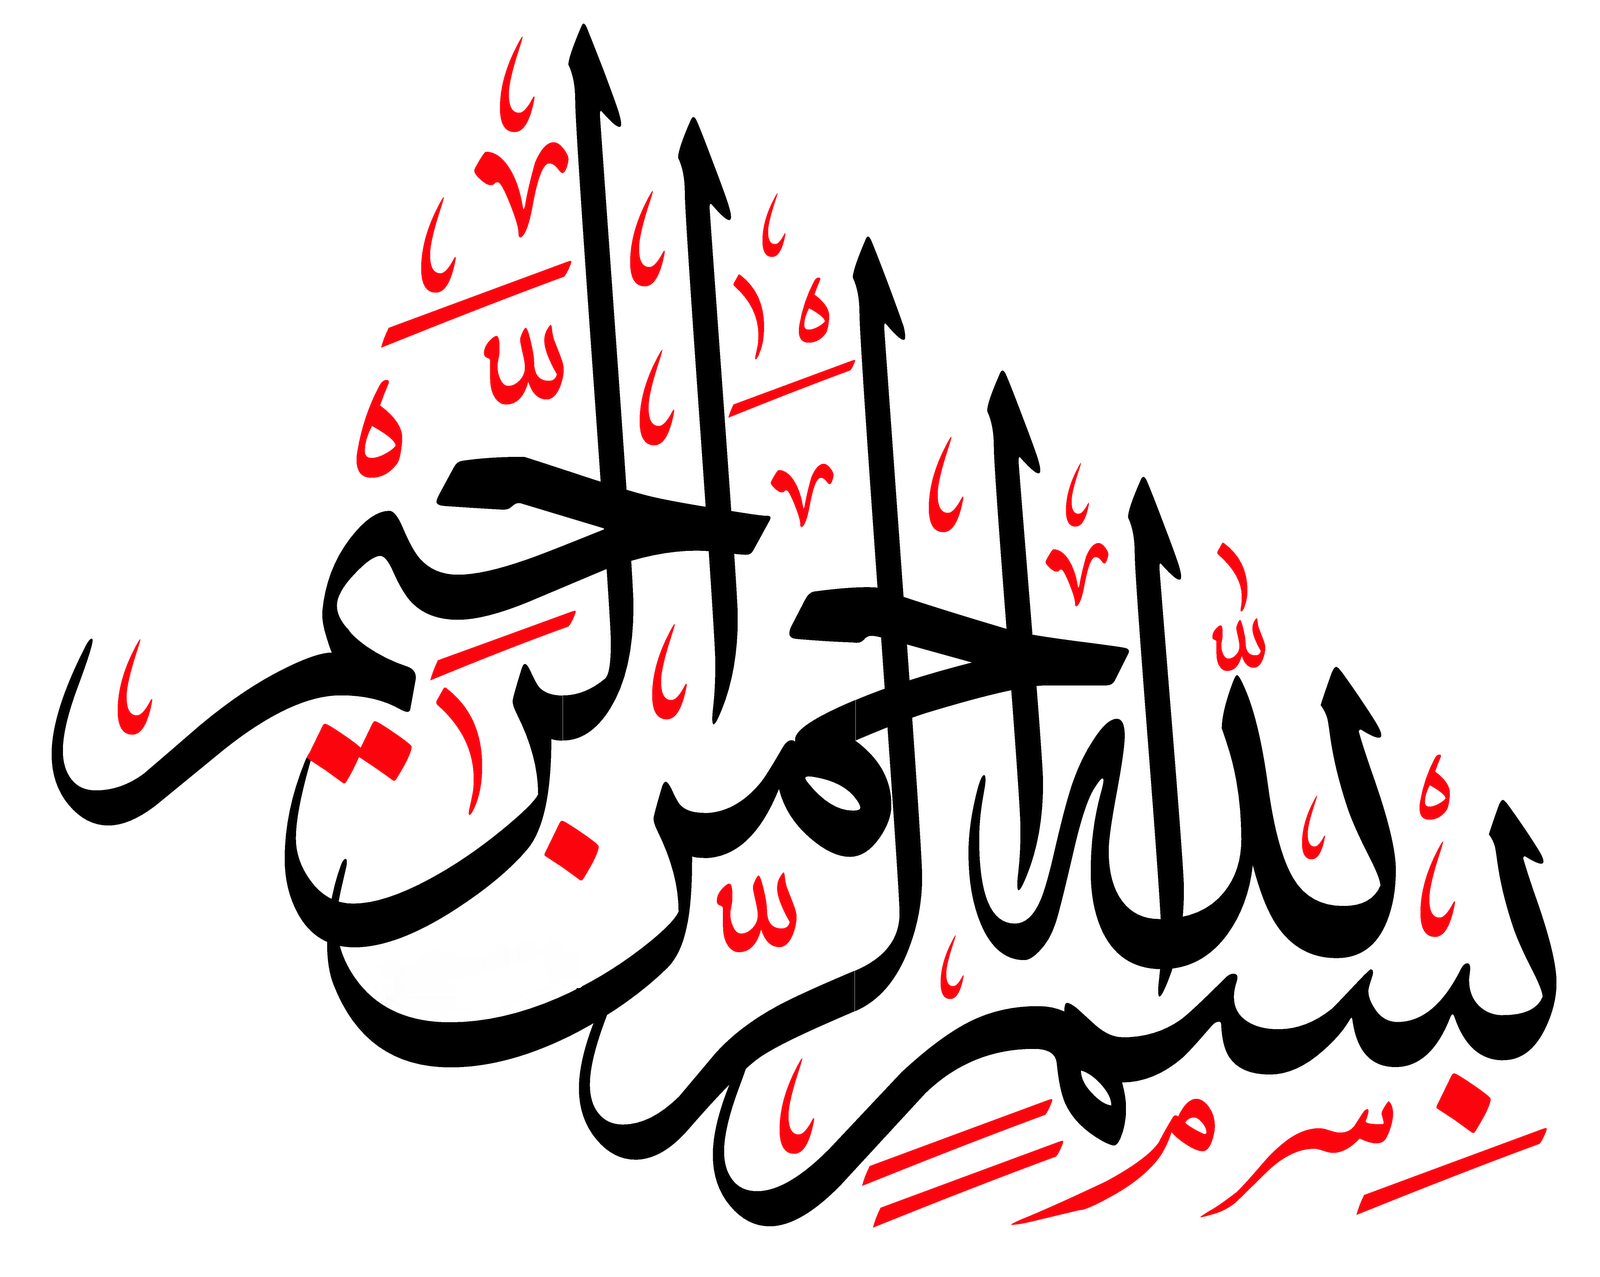 بسم الله الرحمن الرحيم مزخرفة المرسال